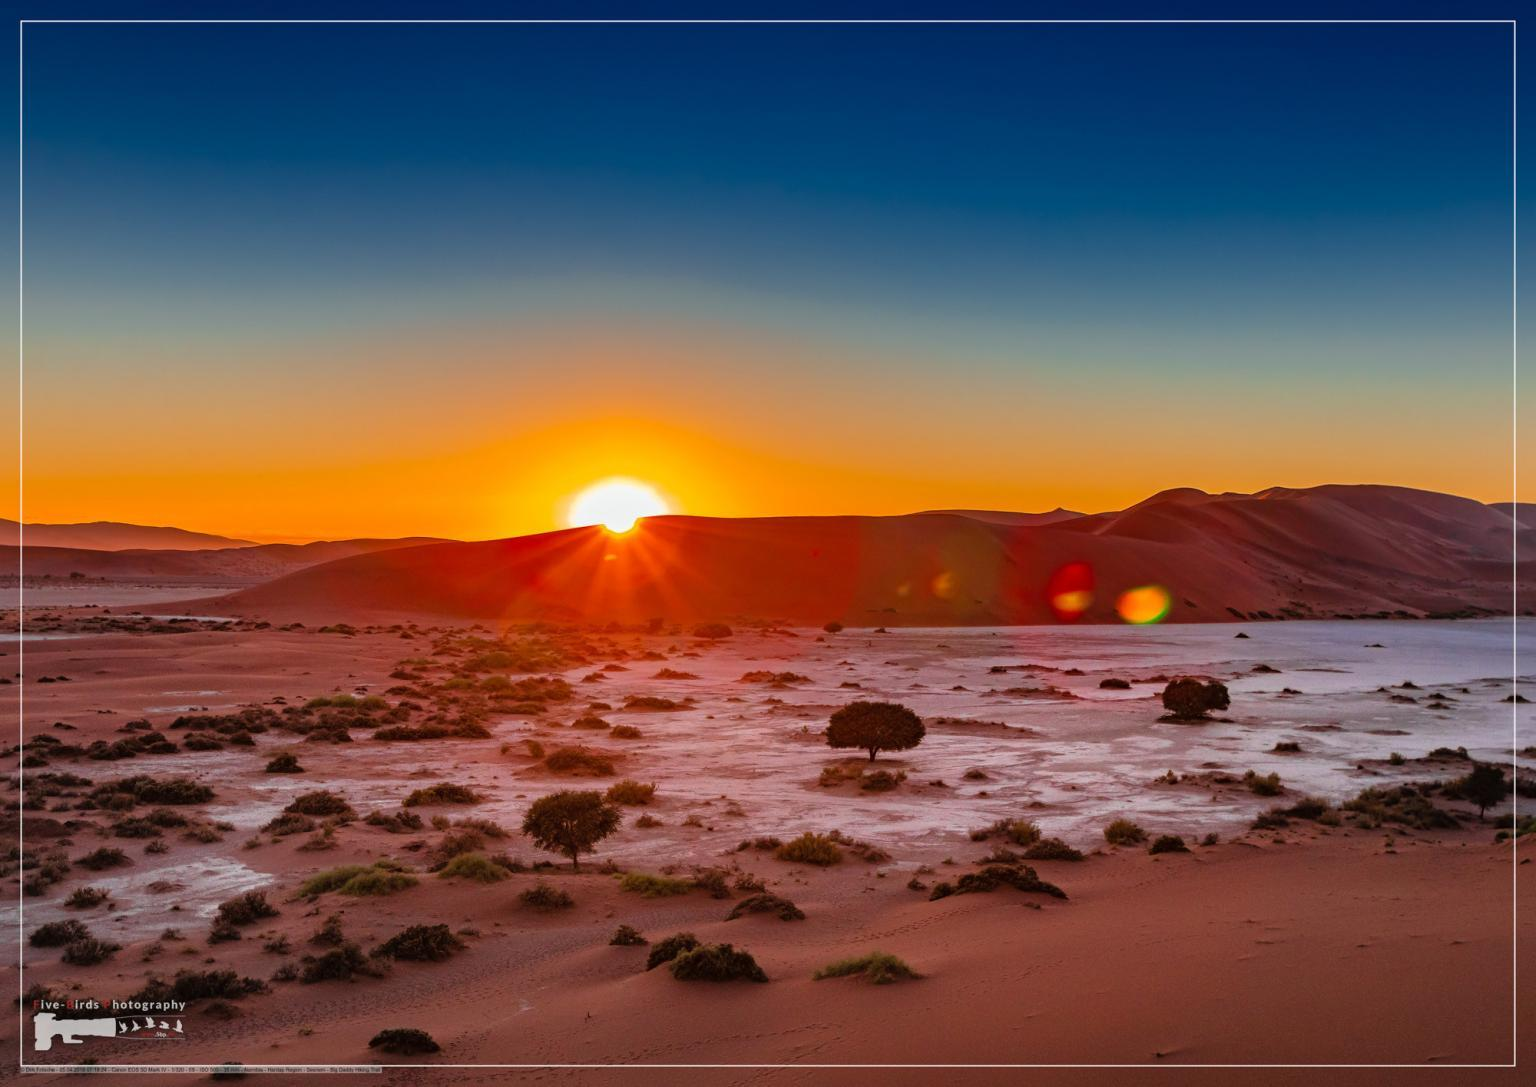 Spectacular morning sunrise at Sossusvlei in the Namib Desert